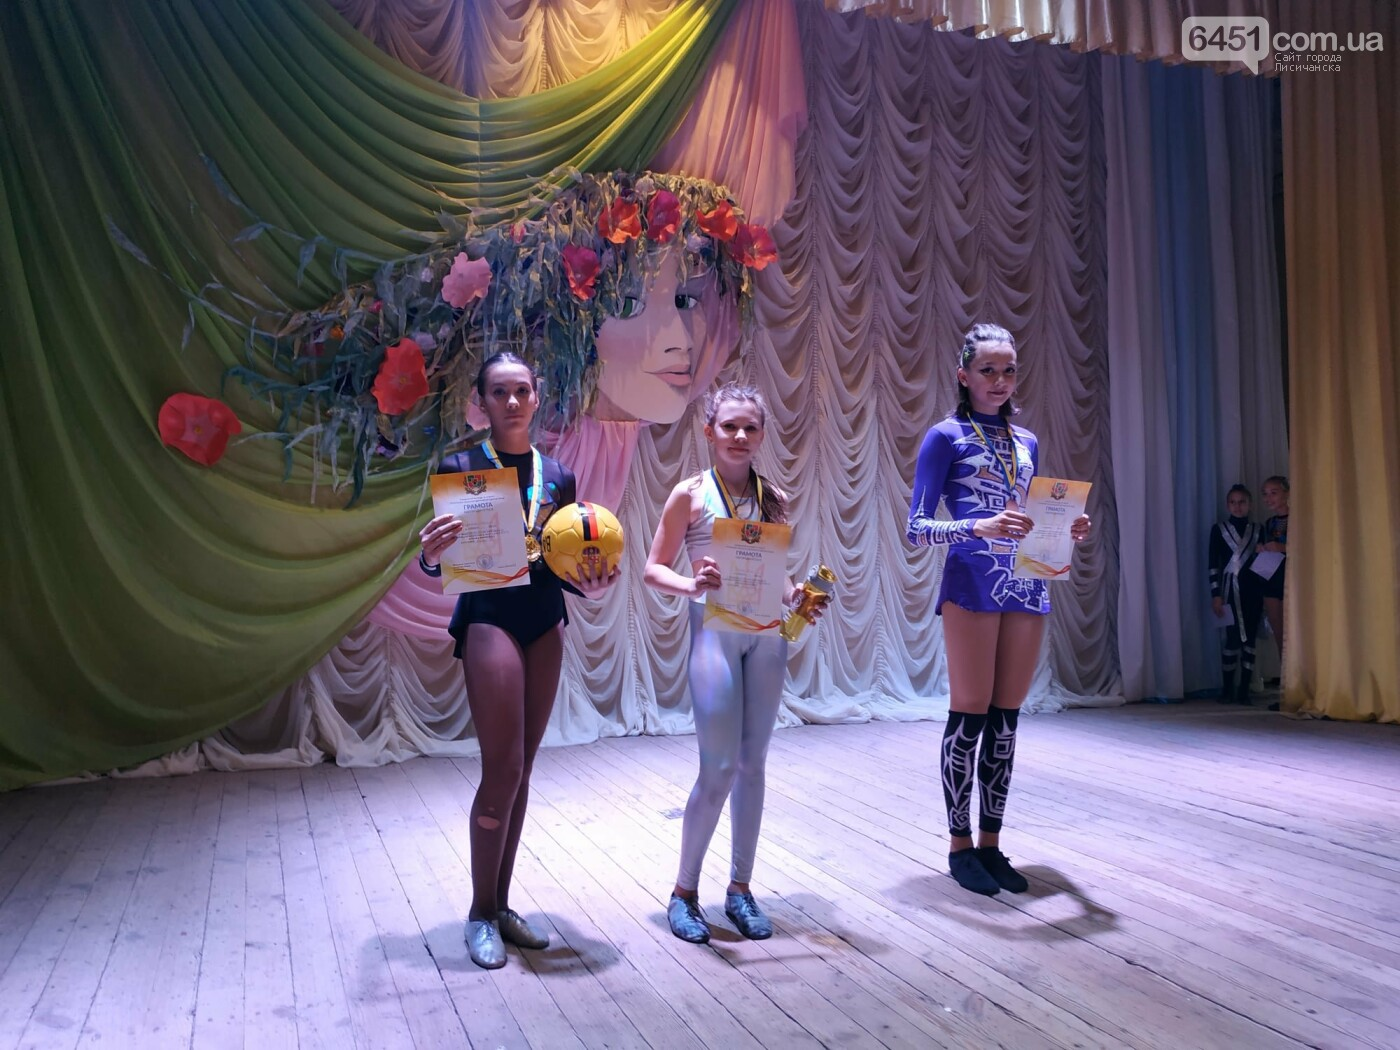 Лисичанск продолжает радовать талантливыми спортсменами, фото-3